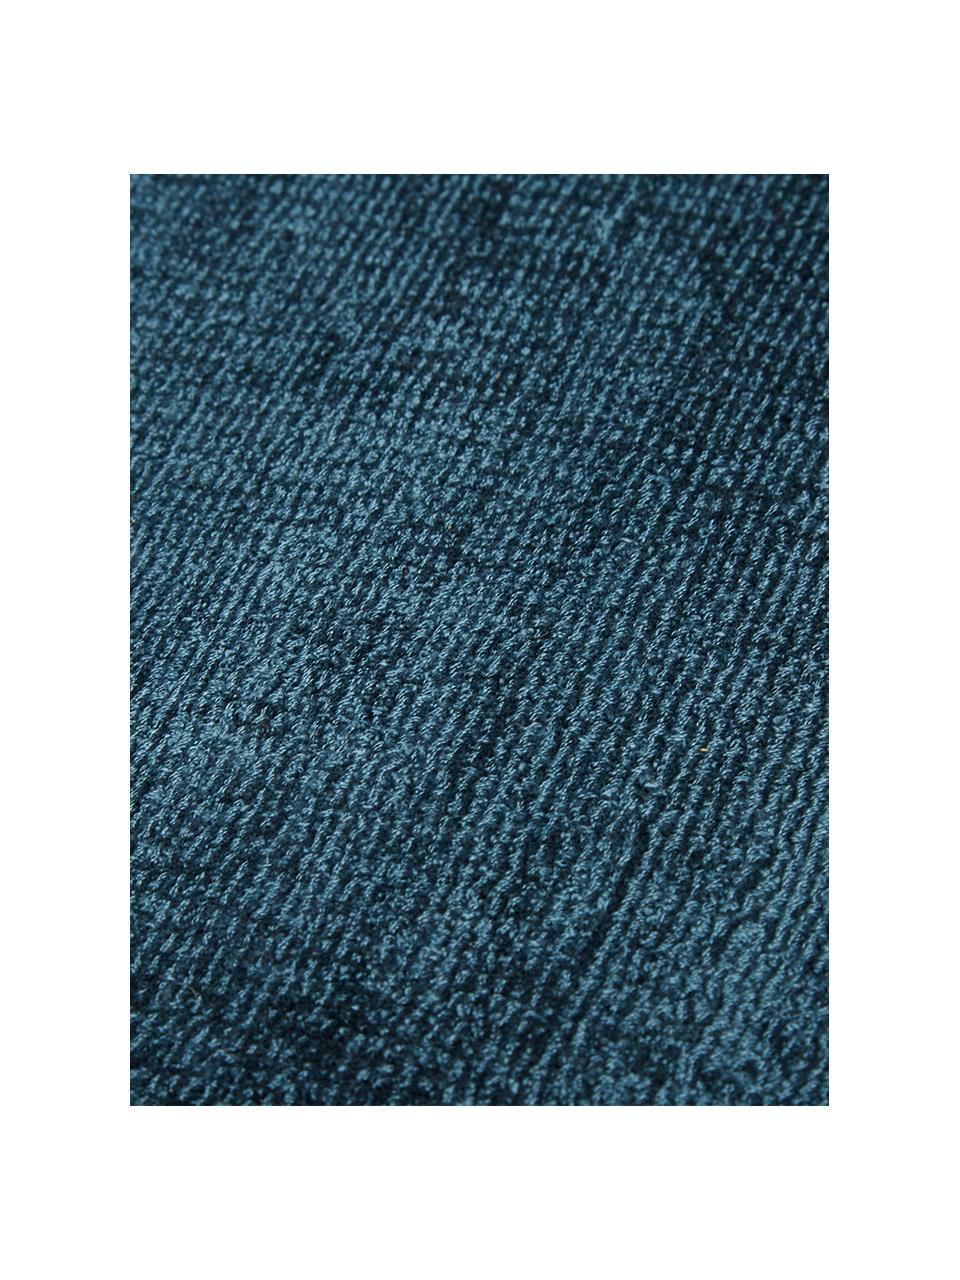 Handgeweven viscose vloerkleed Jane in donkerblauw, Bovenzijde: 100% viscose, Onderzijde: 100% katoen, Donkerblauw, B 160 x L 230 cm (maat M)